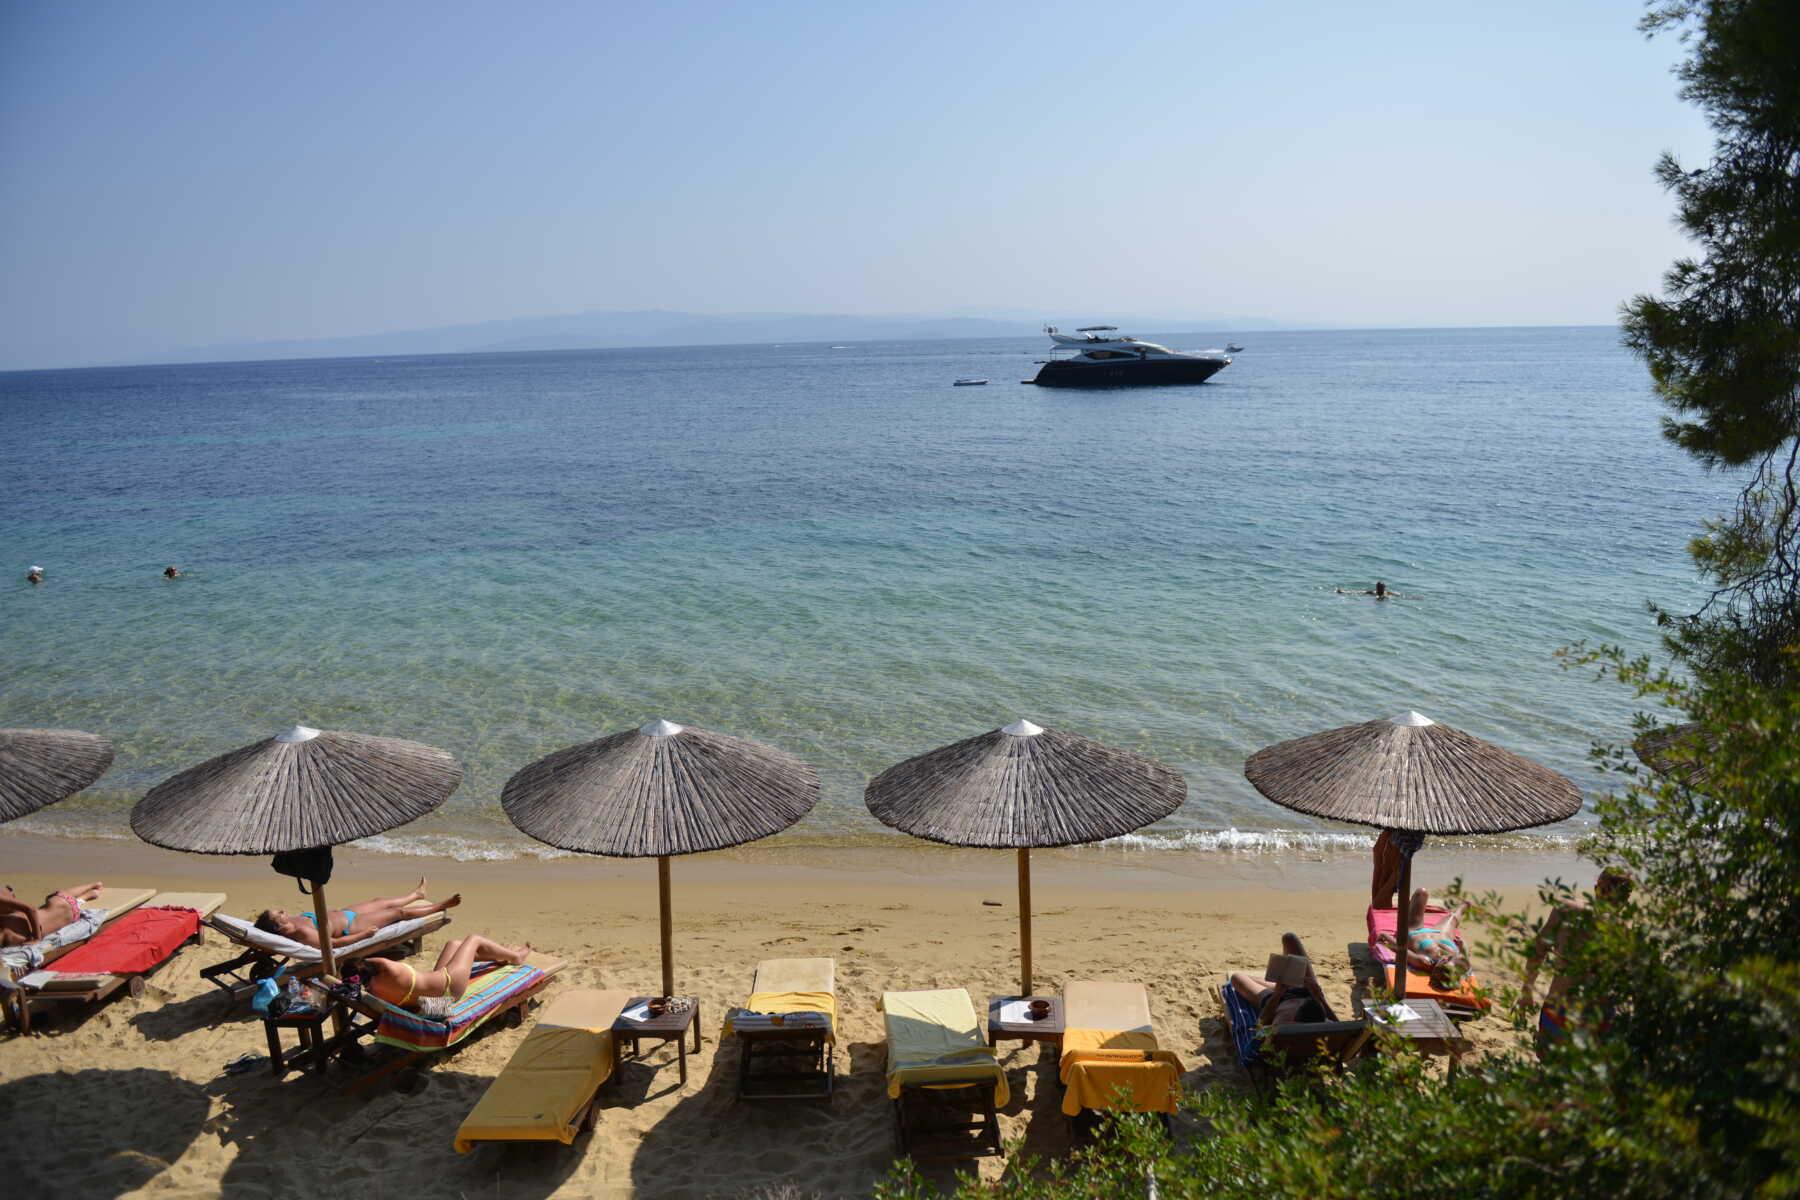 Skijatos Grčka - pogled na plažu i pučinu